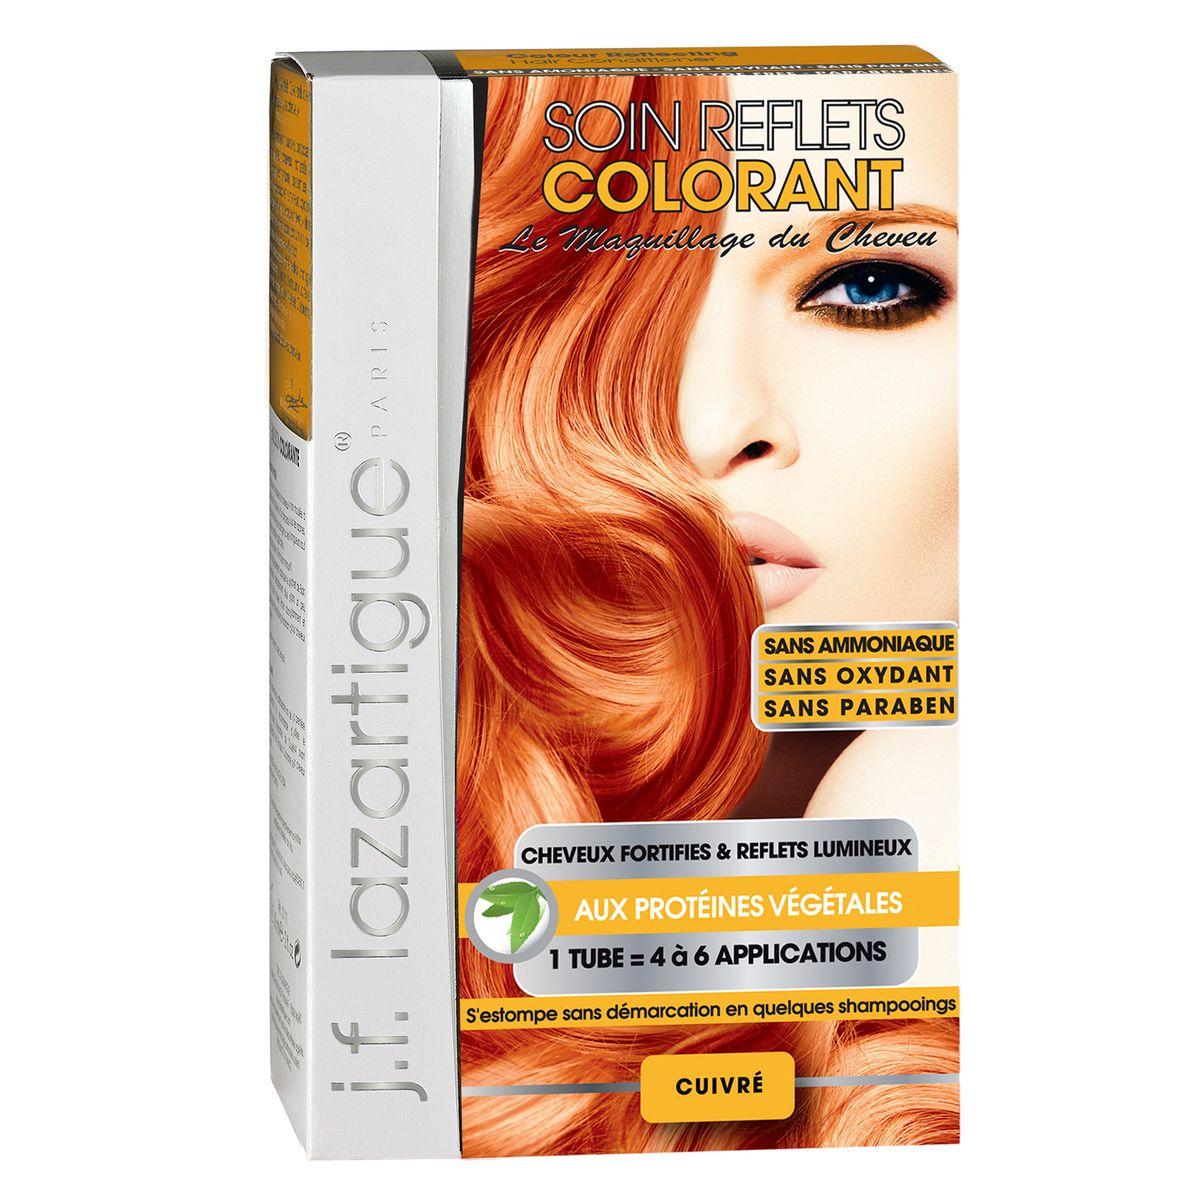 J.F.Lazartigue Оттеночный кондиционер для волос Медный 100 мл61625Оттеночный кондиционер J.F.LAZARTIGUE – это лечебный макияж для Ваших волос. Два эффекта: кондиционирование волос и легкий оттенок. Особенности: придает новый или более теплый (или холодный) оттенок, делает тон темнее или акцентирует цвет, оживляет естественный цвет или придает яркость тусклым и выцветшим на солнце волосам. Закрашивает небольшой процент седины! После мытья волос шампунем (3-6 раз) смывается. Для достижения индивидуального оттенка можно смешать два разных кондиционера: добавить к выбранному ТЕМНЫЙ РЫЖИЙ (Auburn), МЕДНЫЙ (Copper) и т.п. Не осветляет волосы. Не содержит аммиака и перекиси водорода. Не содержит парабенов. Не предназначен для окрашивания бровей и ресниц.